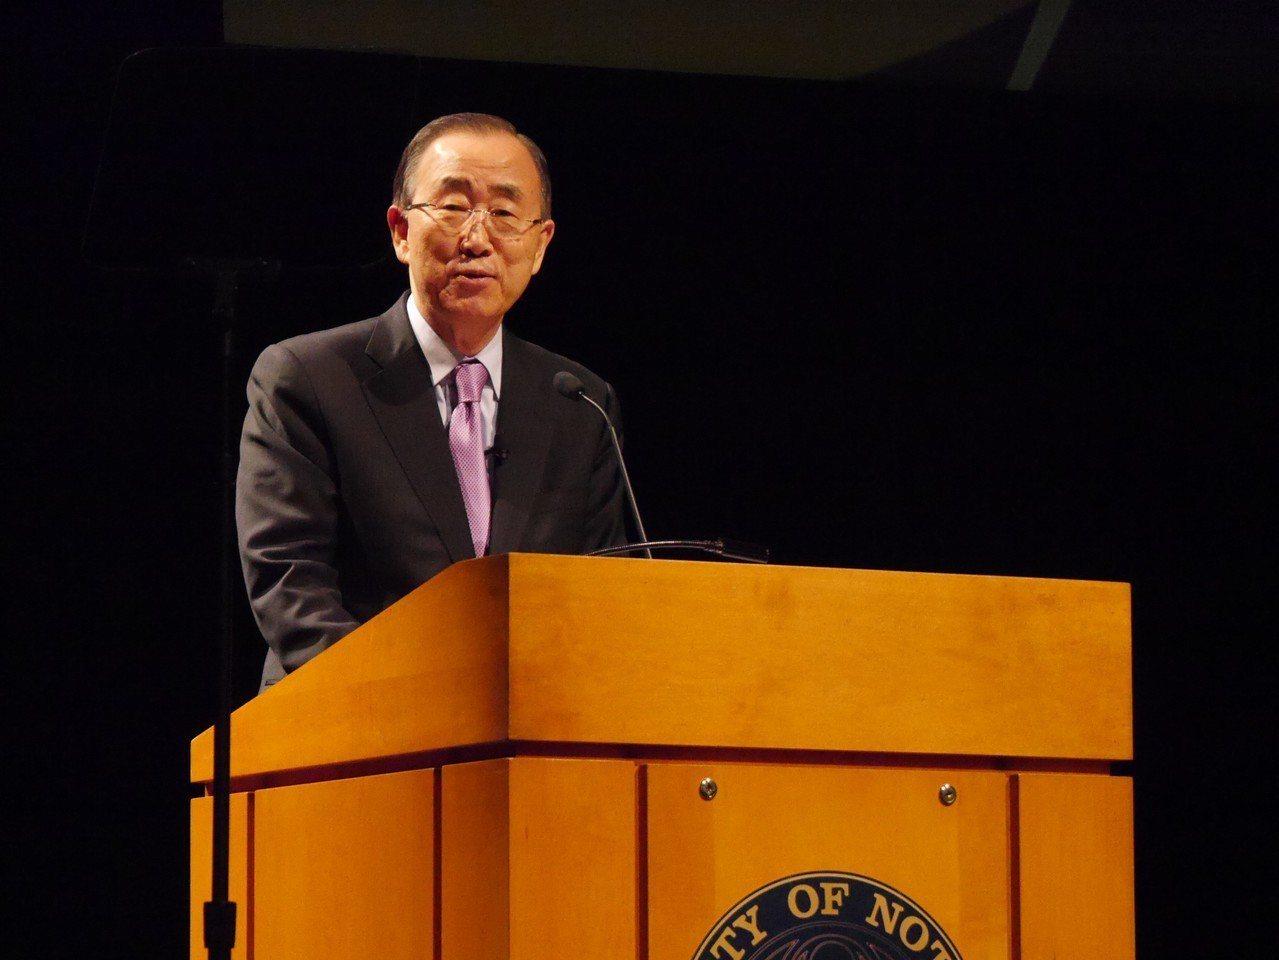 聯合國前秘書長潘基文表示樂見川金二會,但對「美國優先」主張失望。 記者黃惠玲攝影